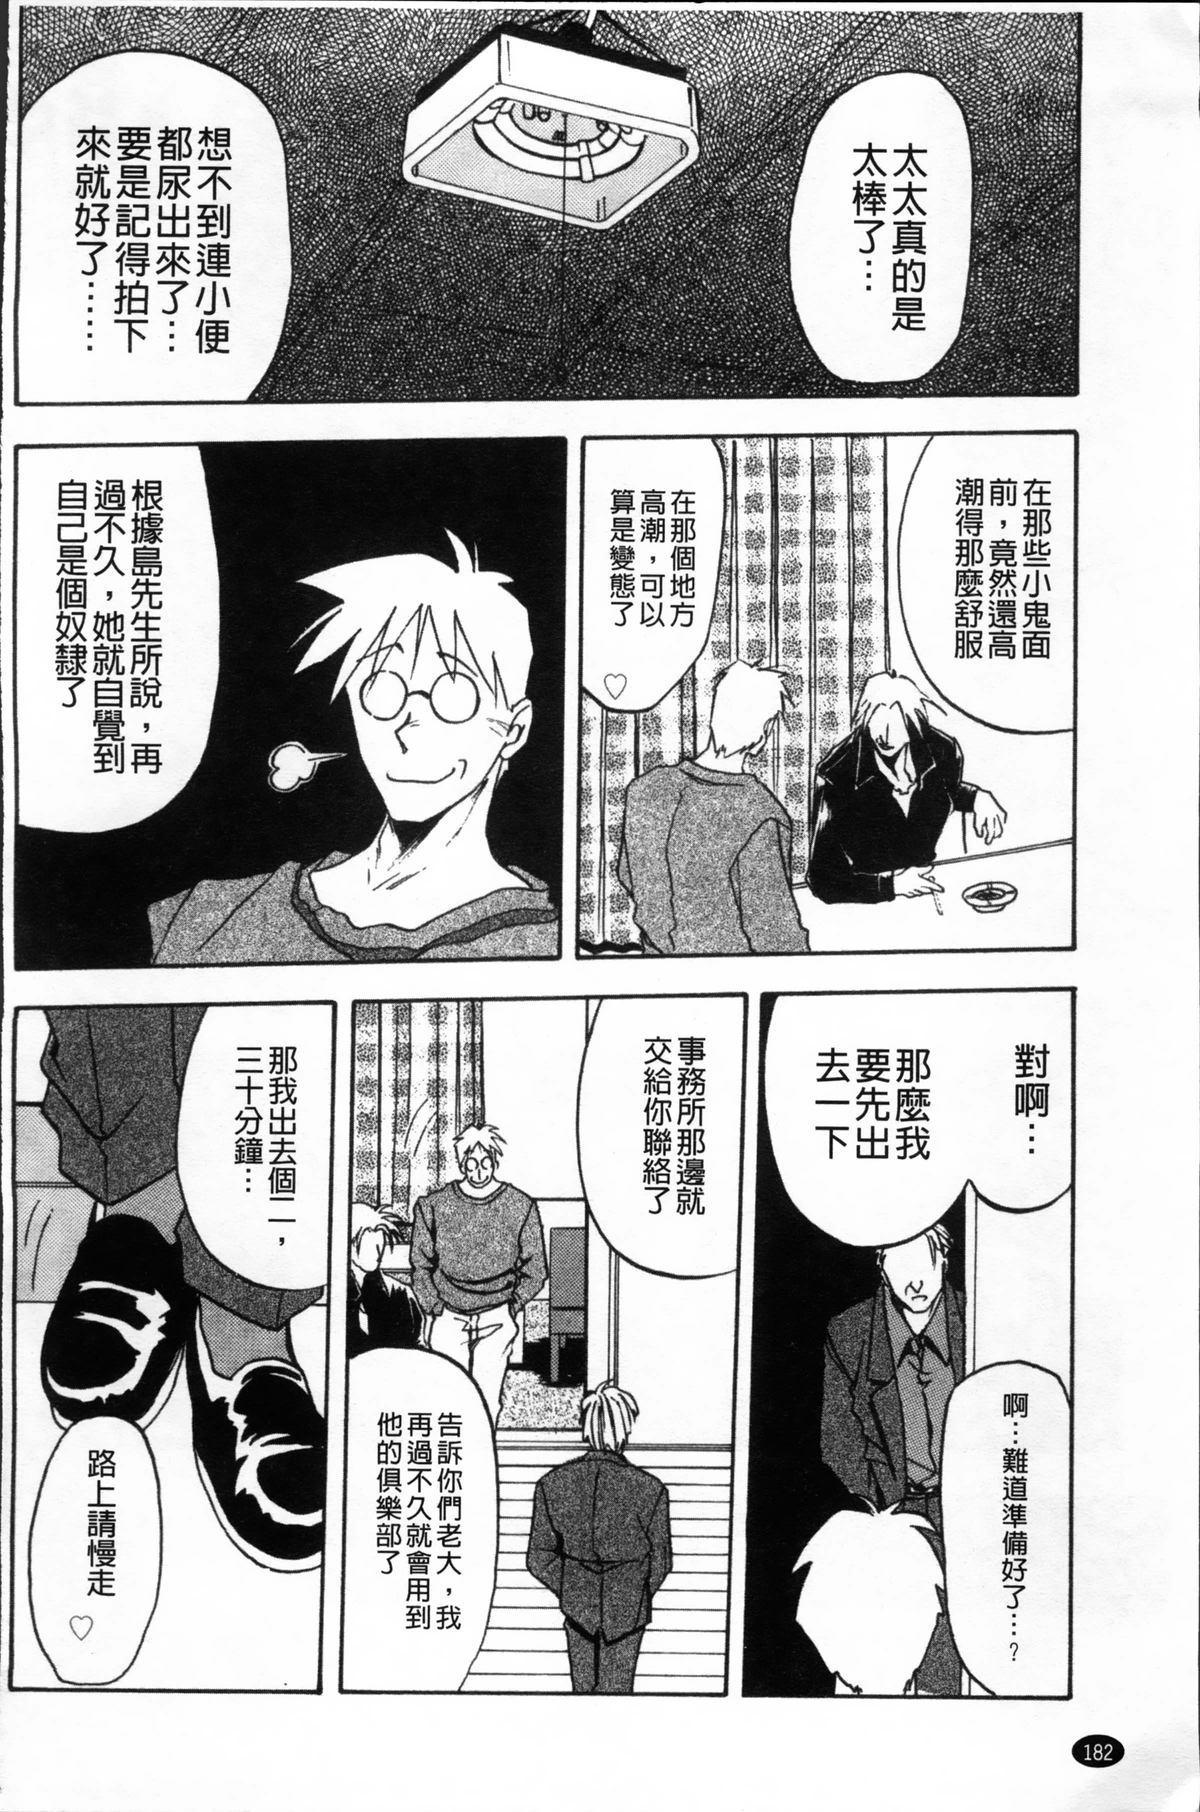 Hiiro no Koku Kanzenban   緋色之刻 完全版 185